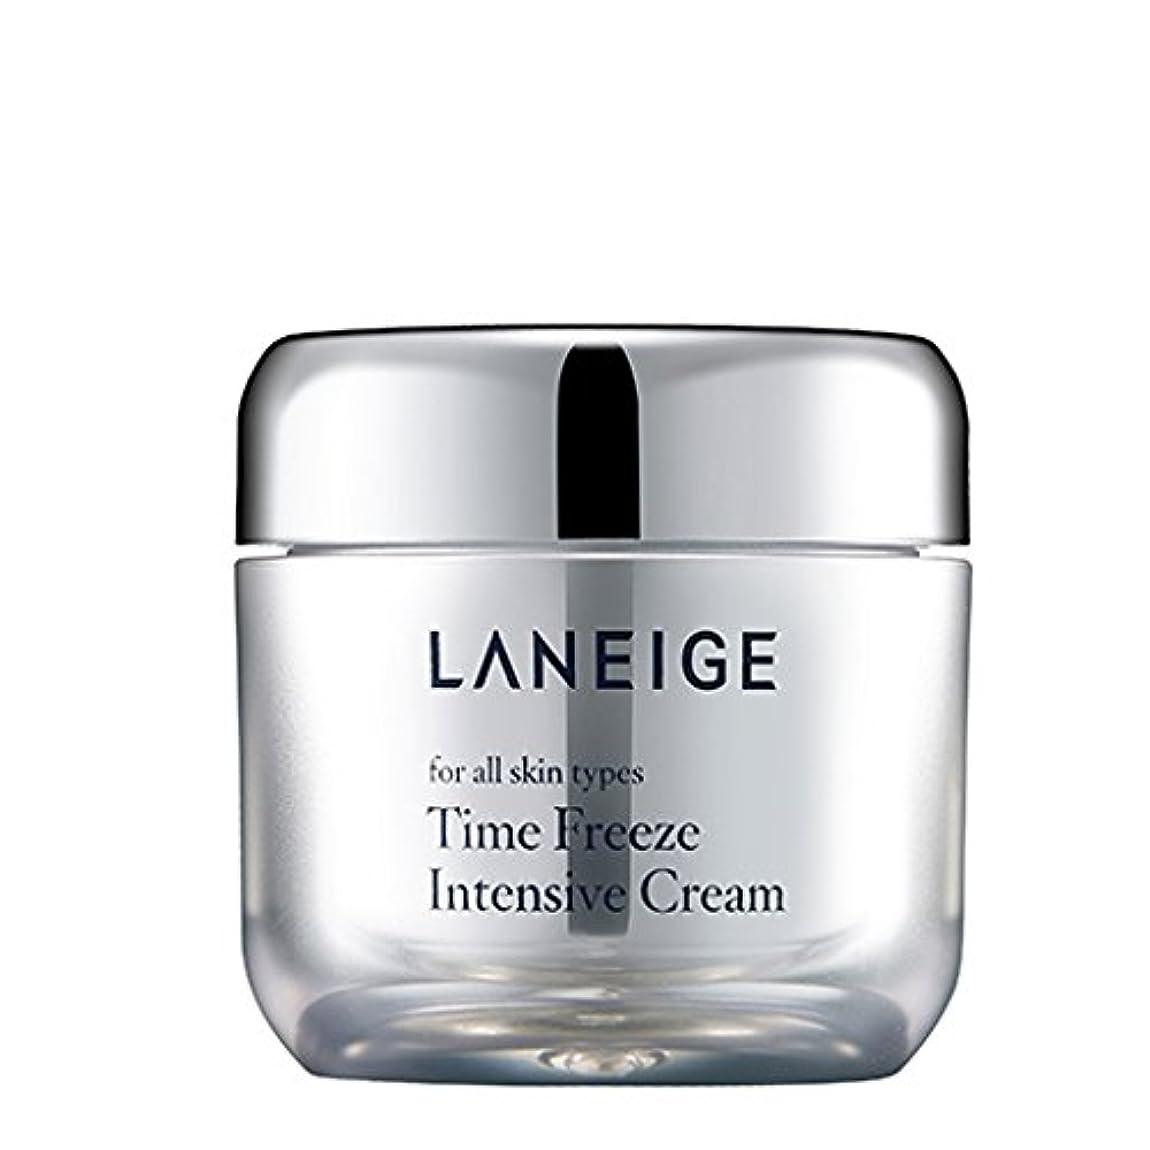 ラネジュ タイムフリーズインテンシブクリーム50ml Time Freeze Intensive Cream [海外直送品][並行輸入品]